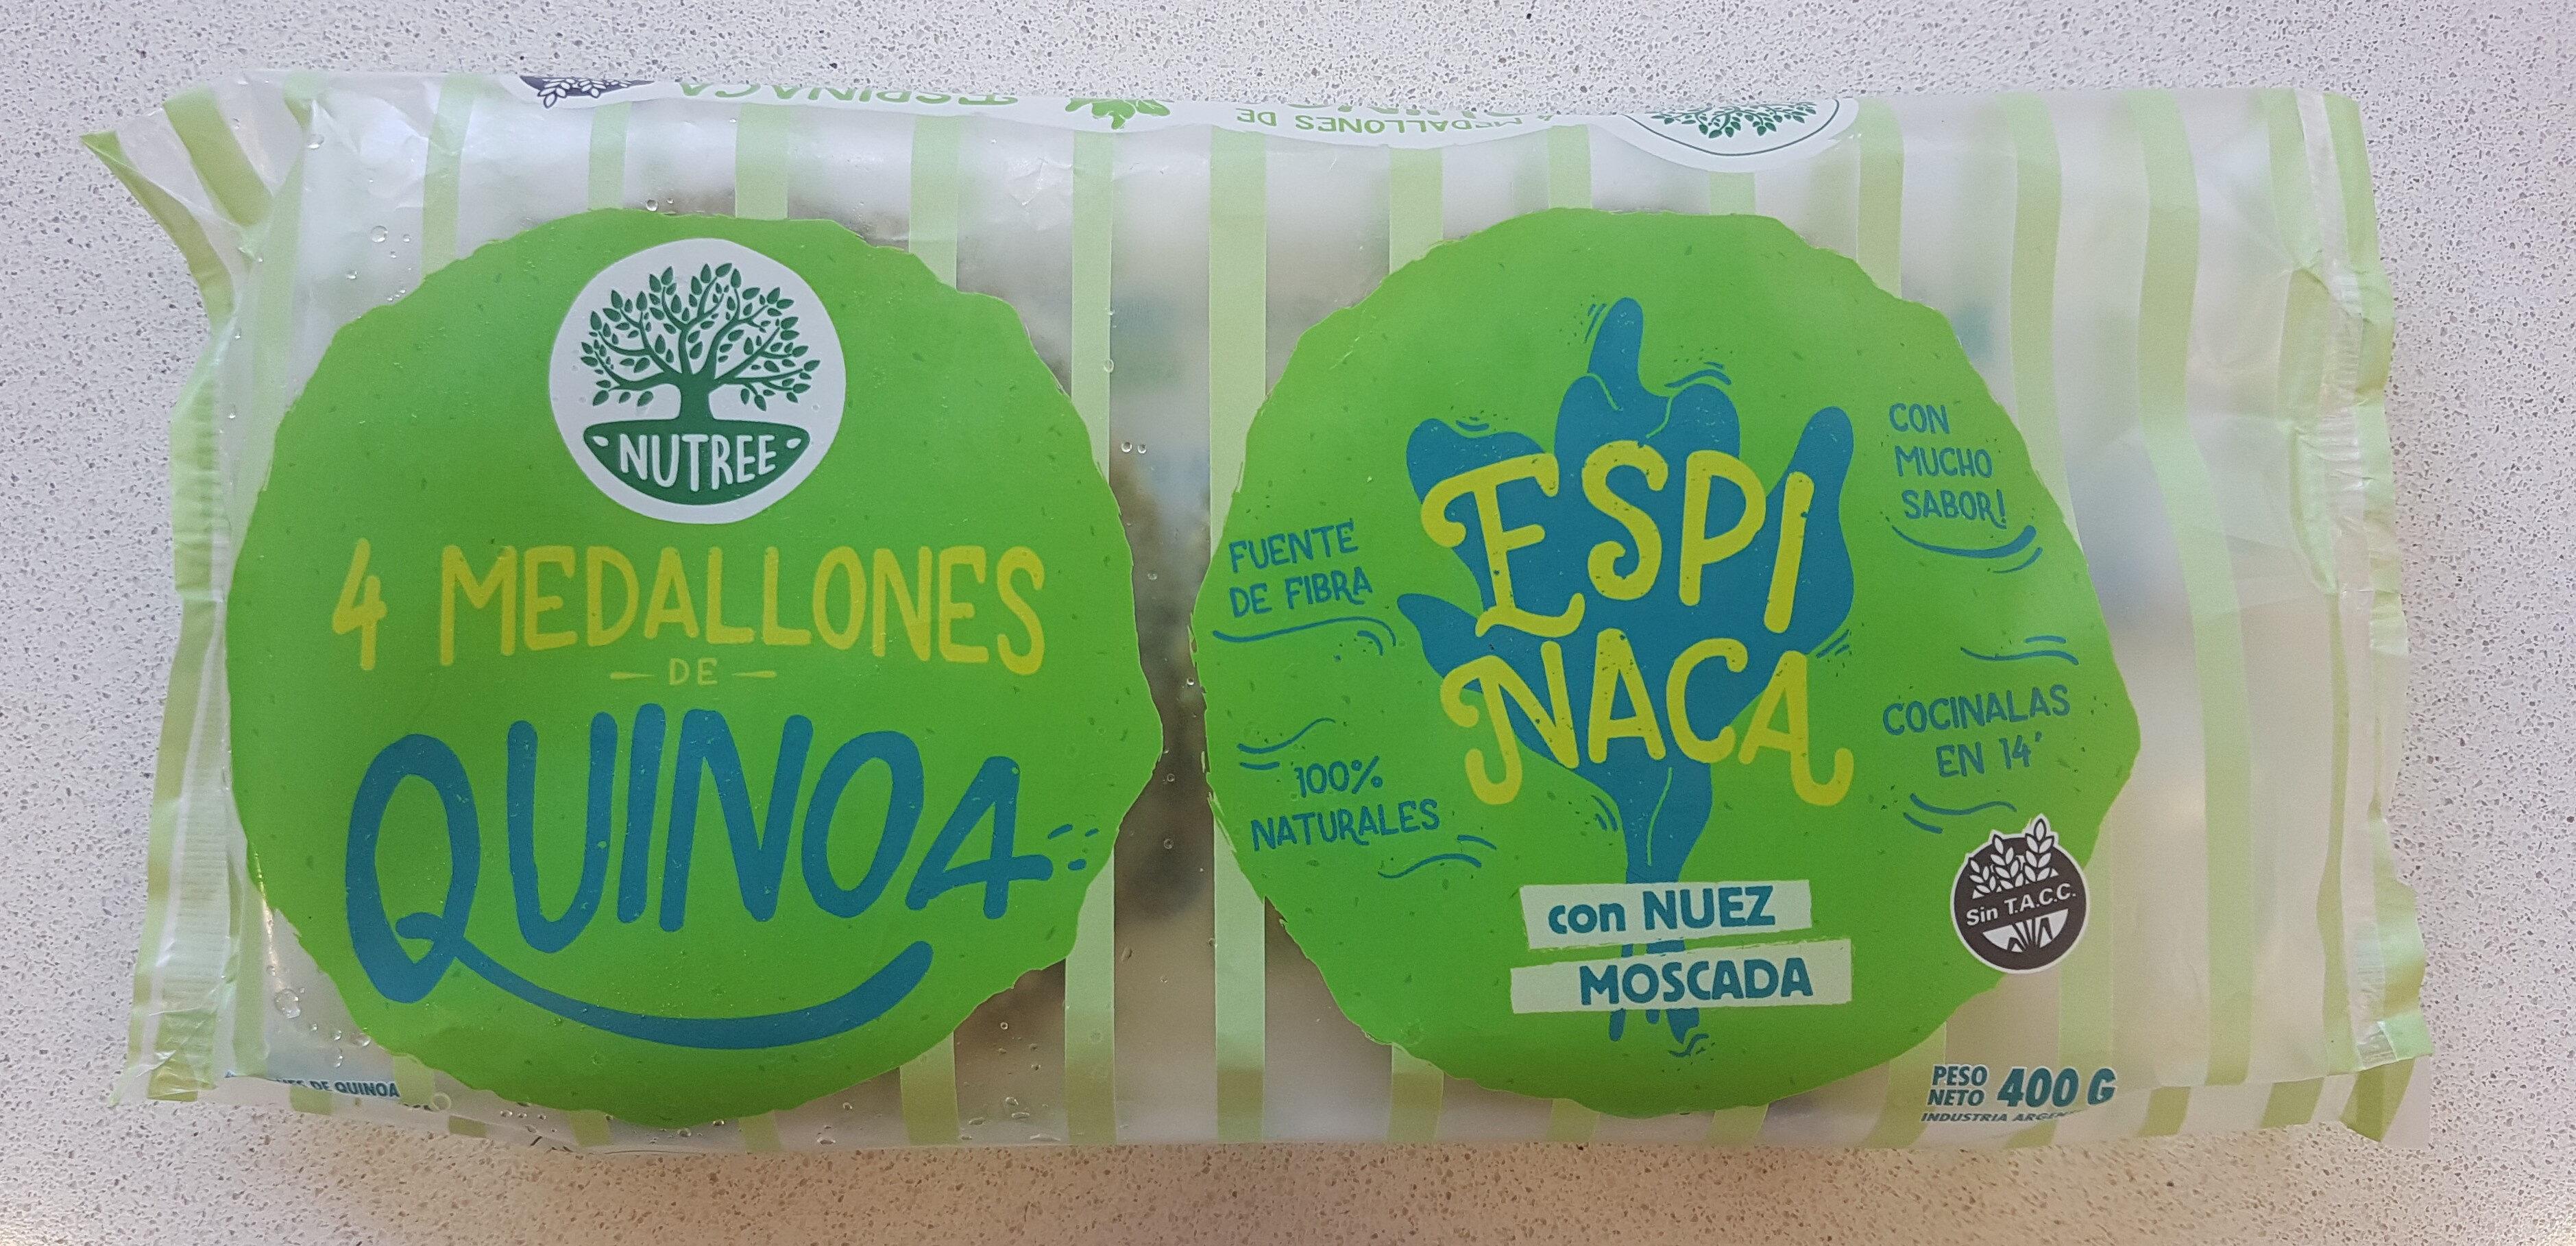 Medallones de quinoa y espinaca - Product - es